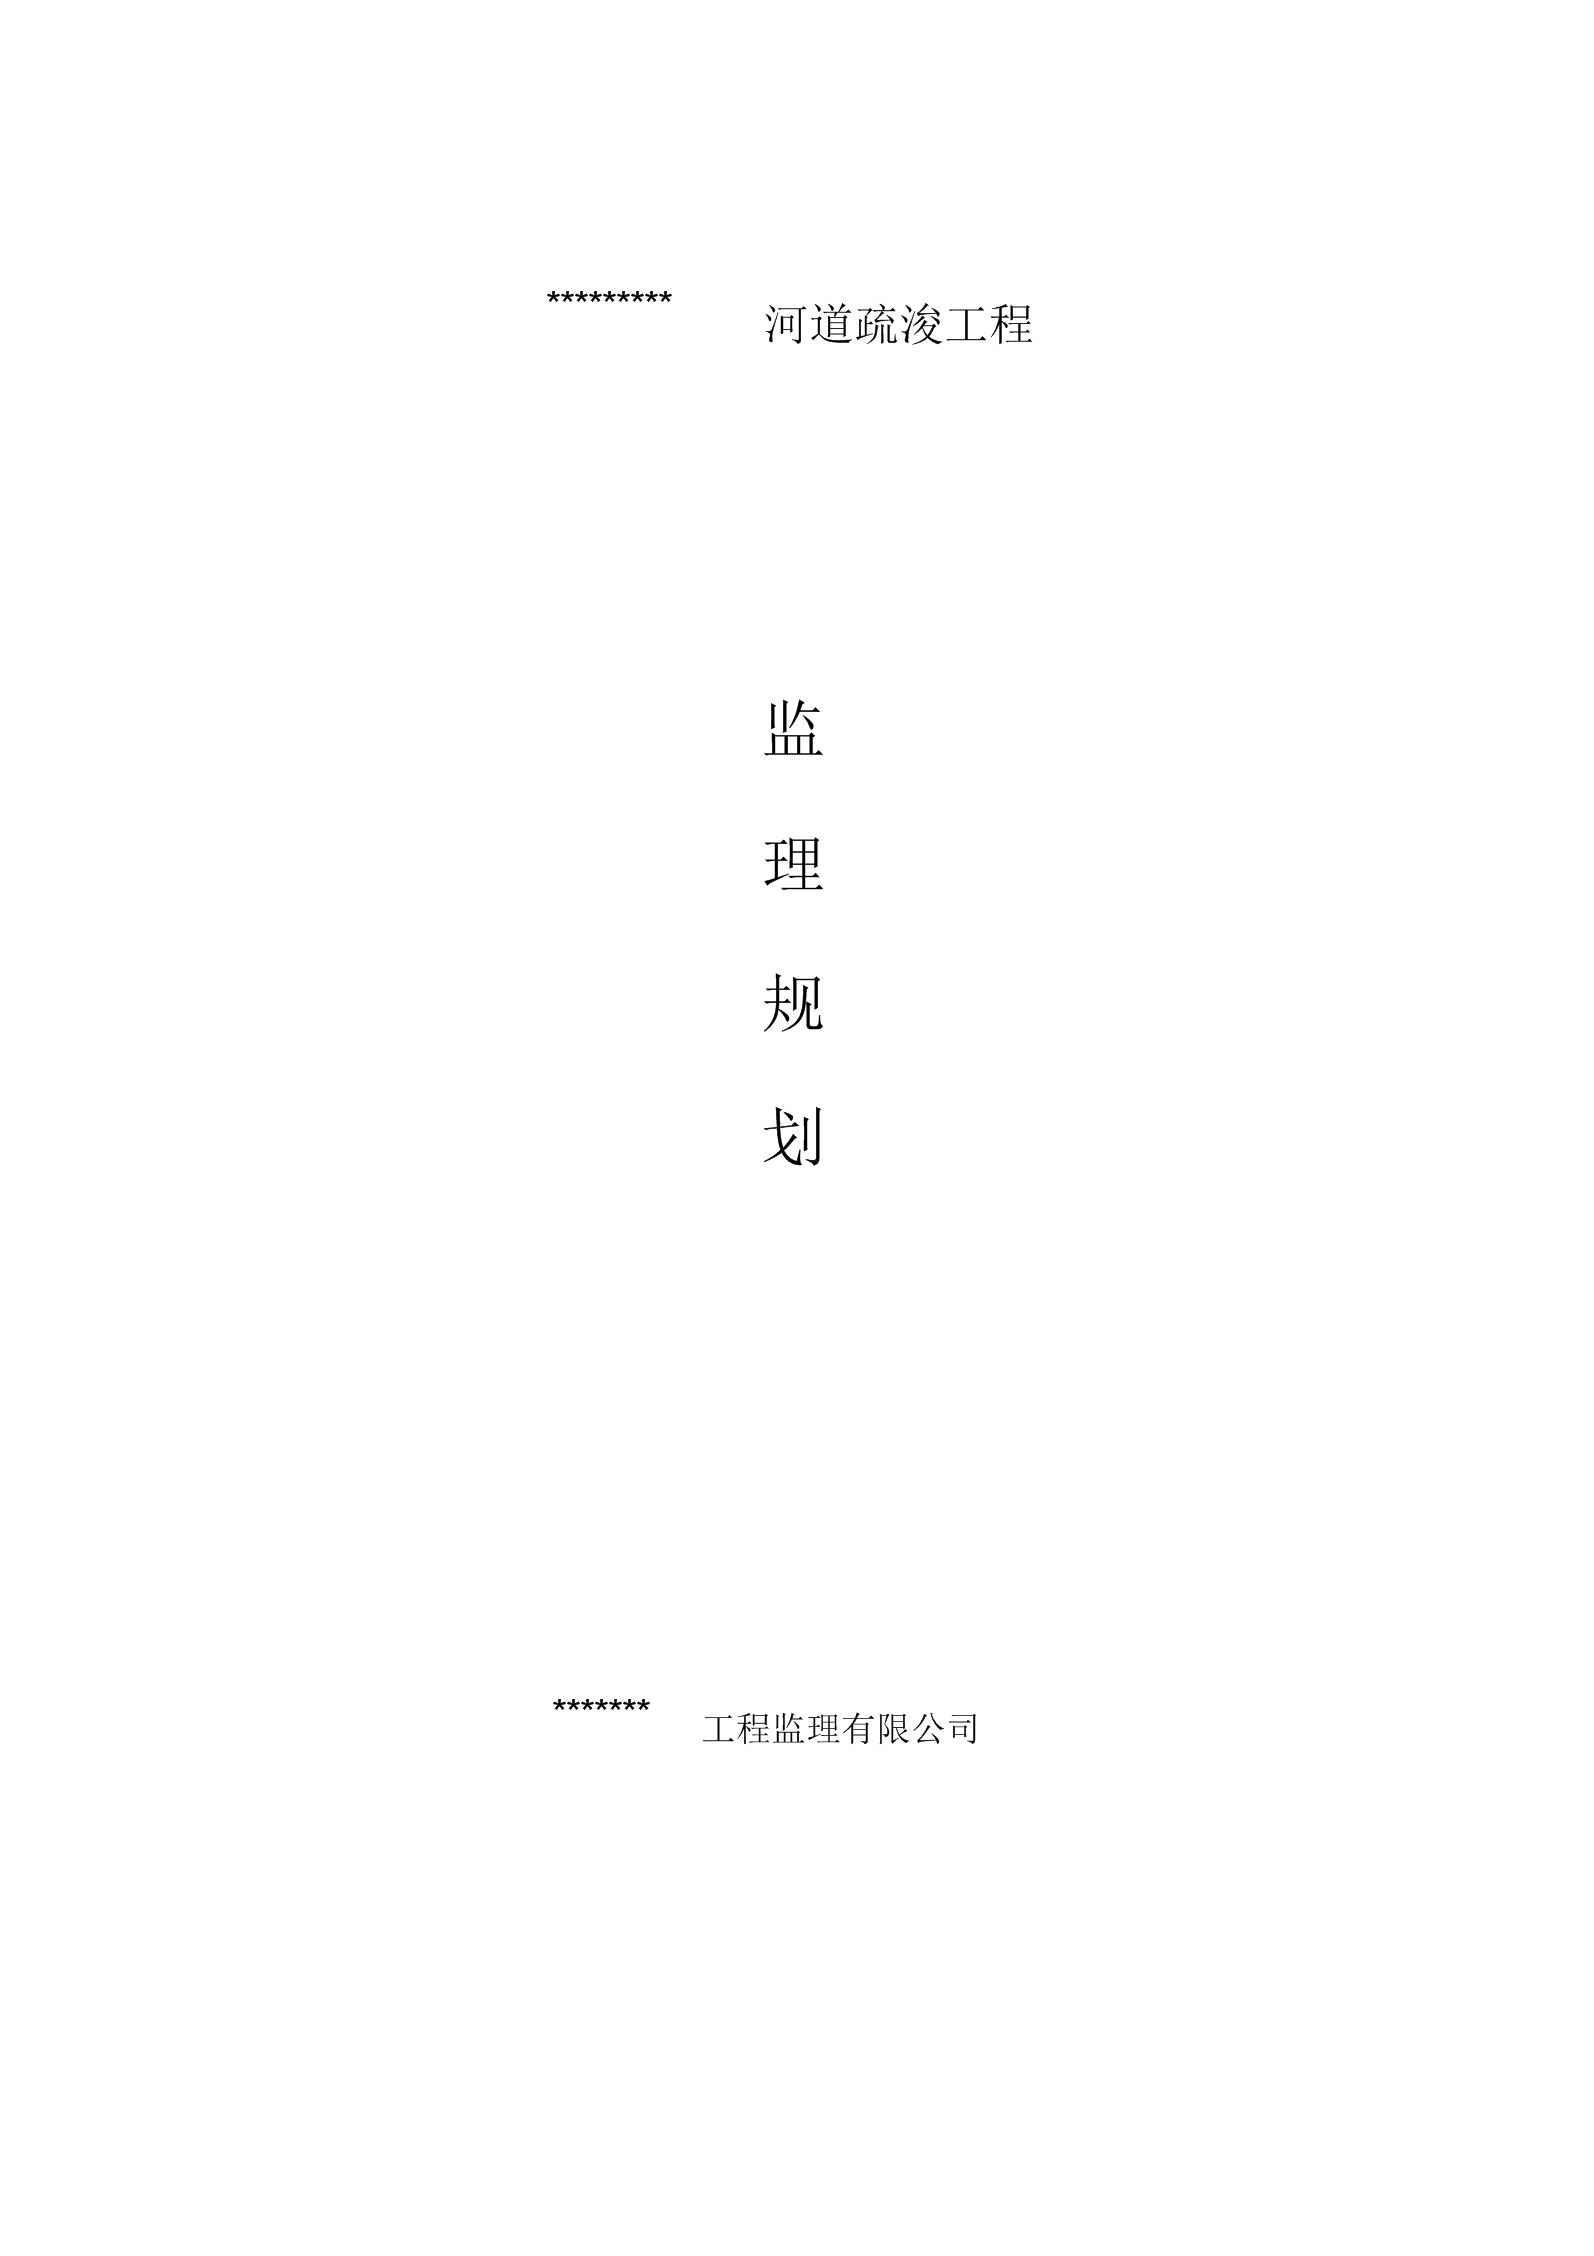 《河道清淤工程监理规划》.docx